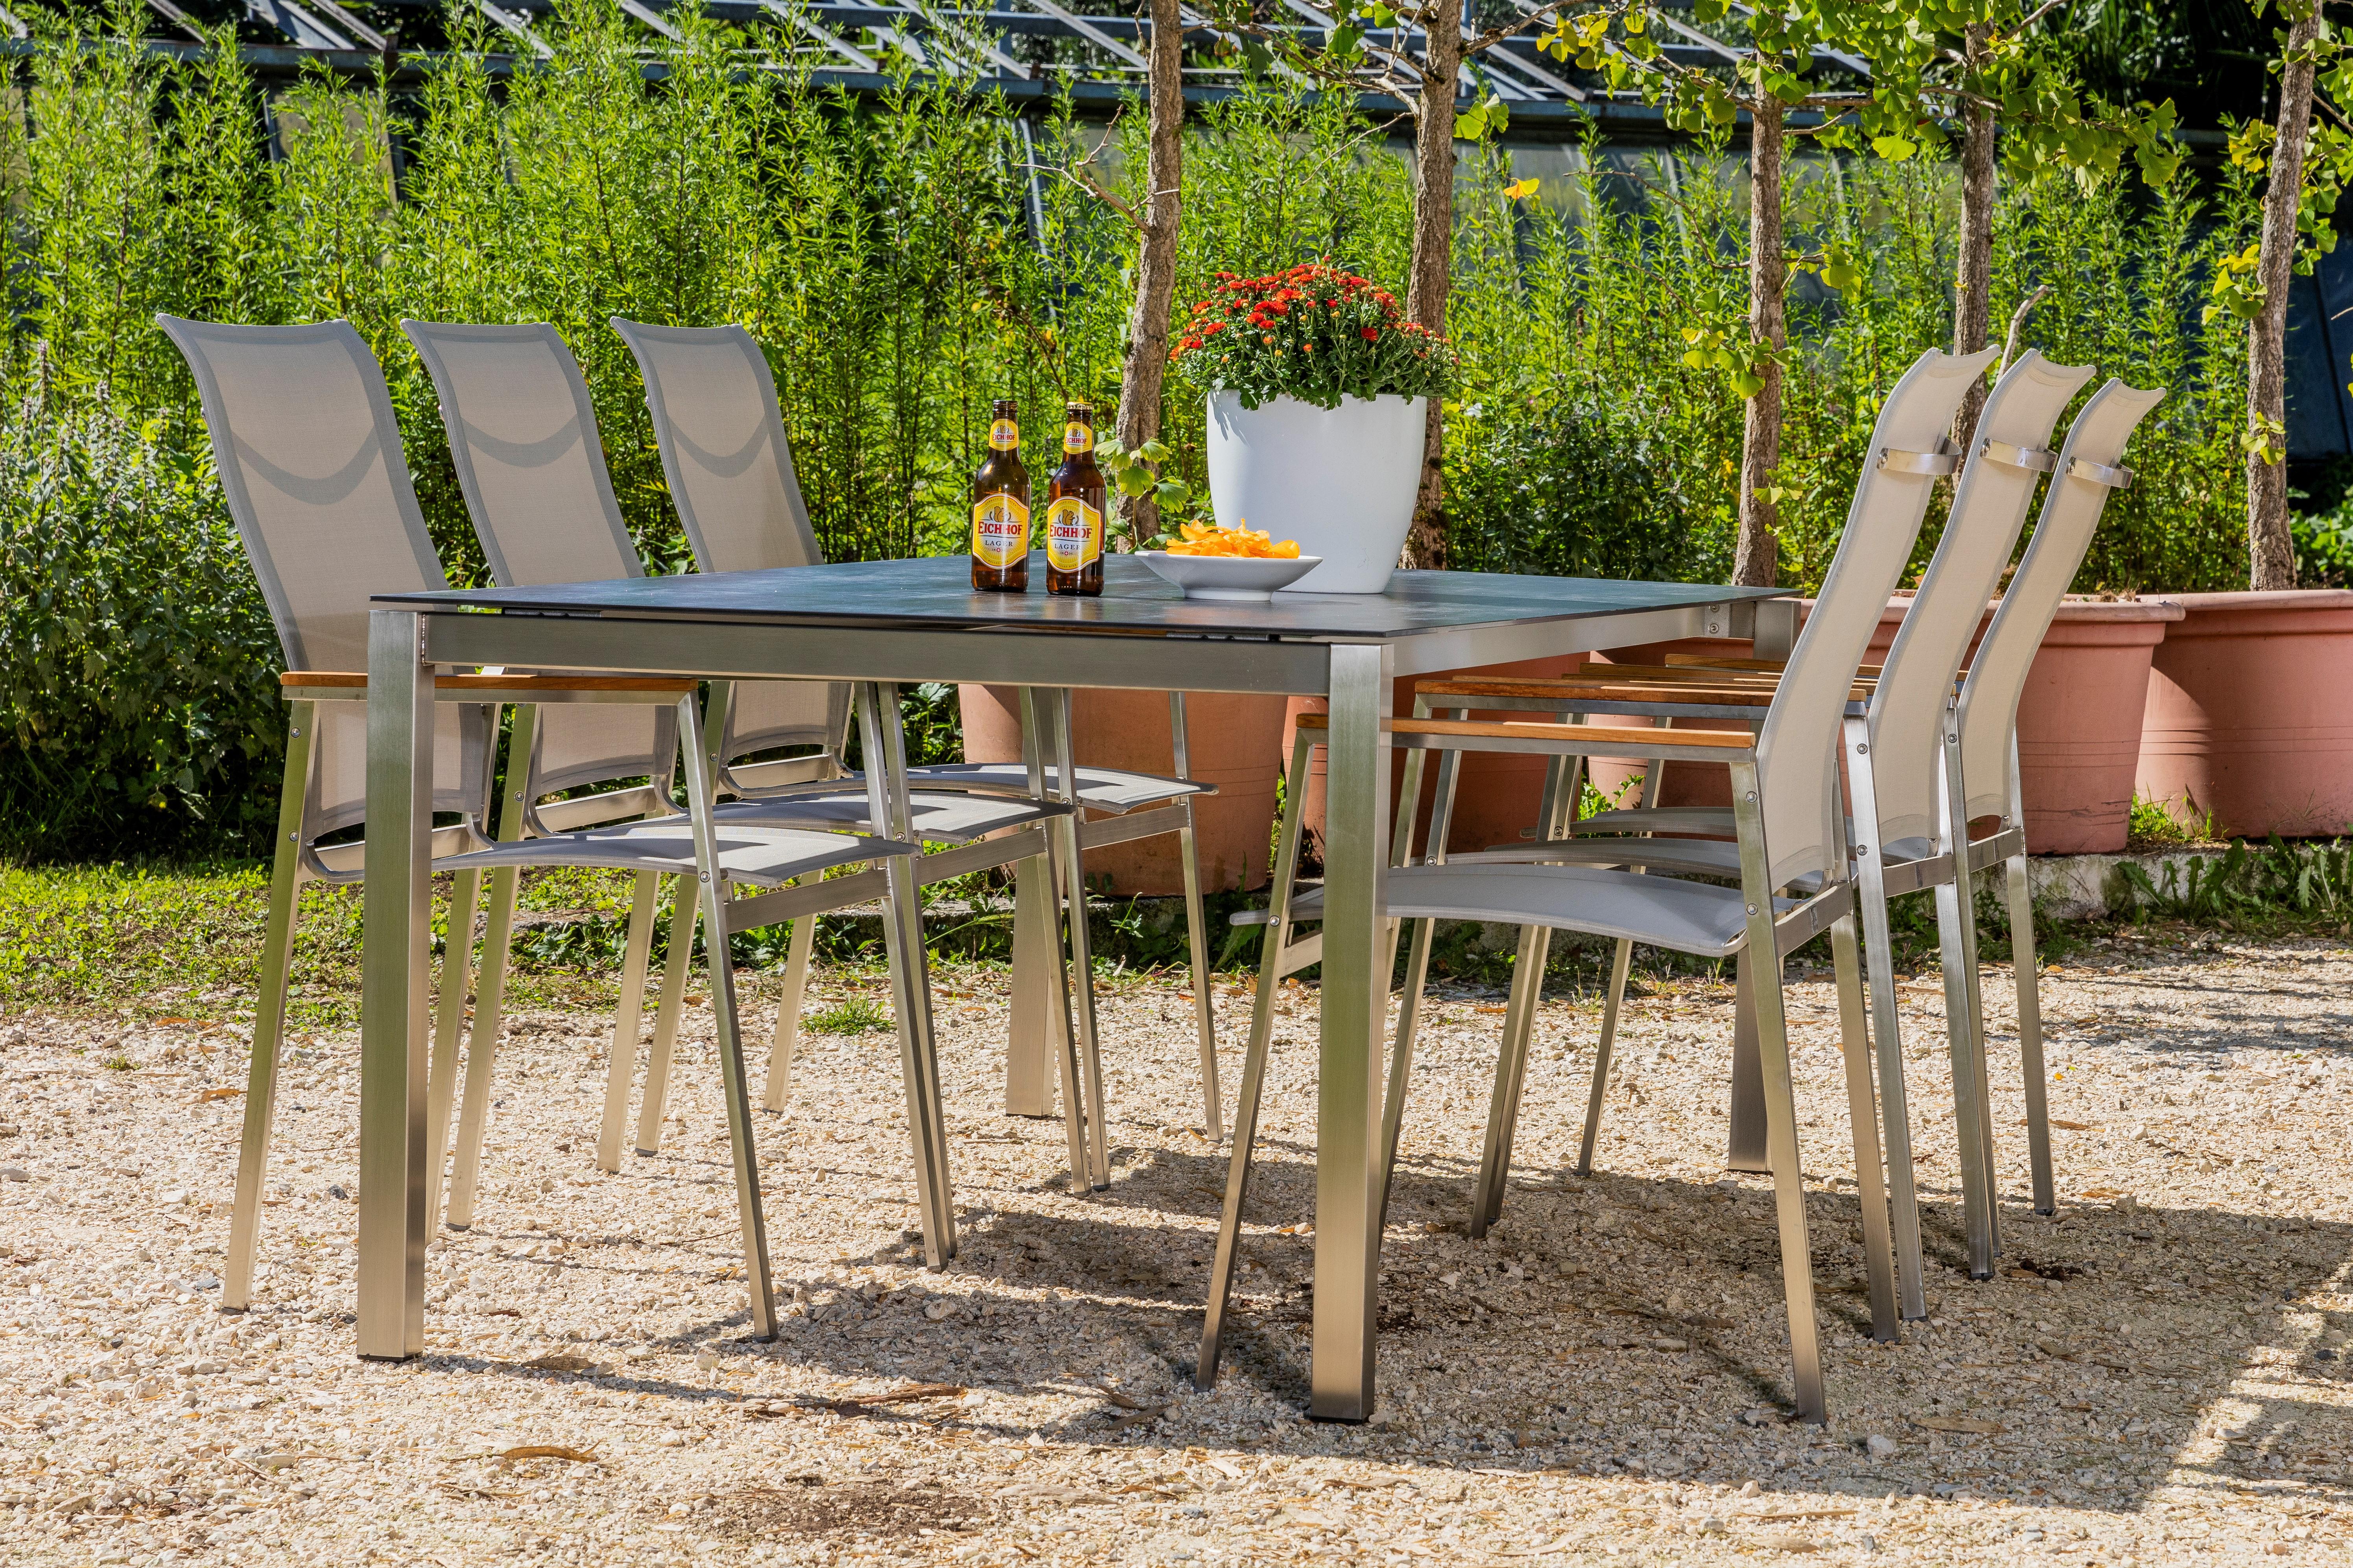 _AN_1024 FIX Tisch 9010 mit falscher Tischgrösse-CROP